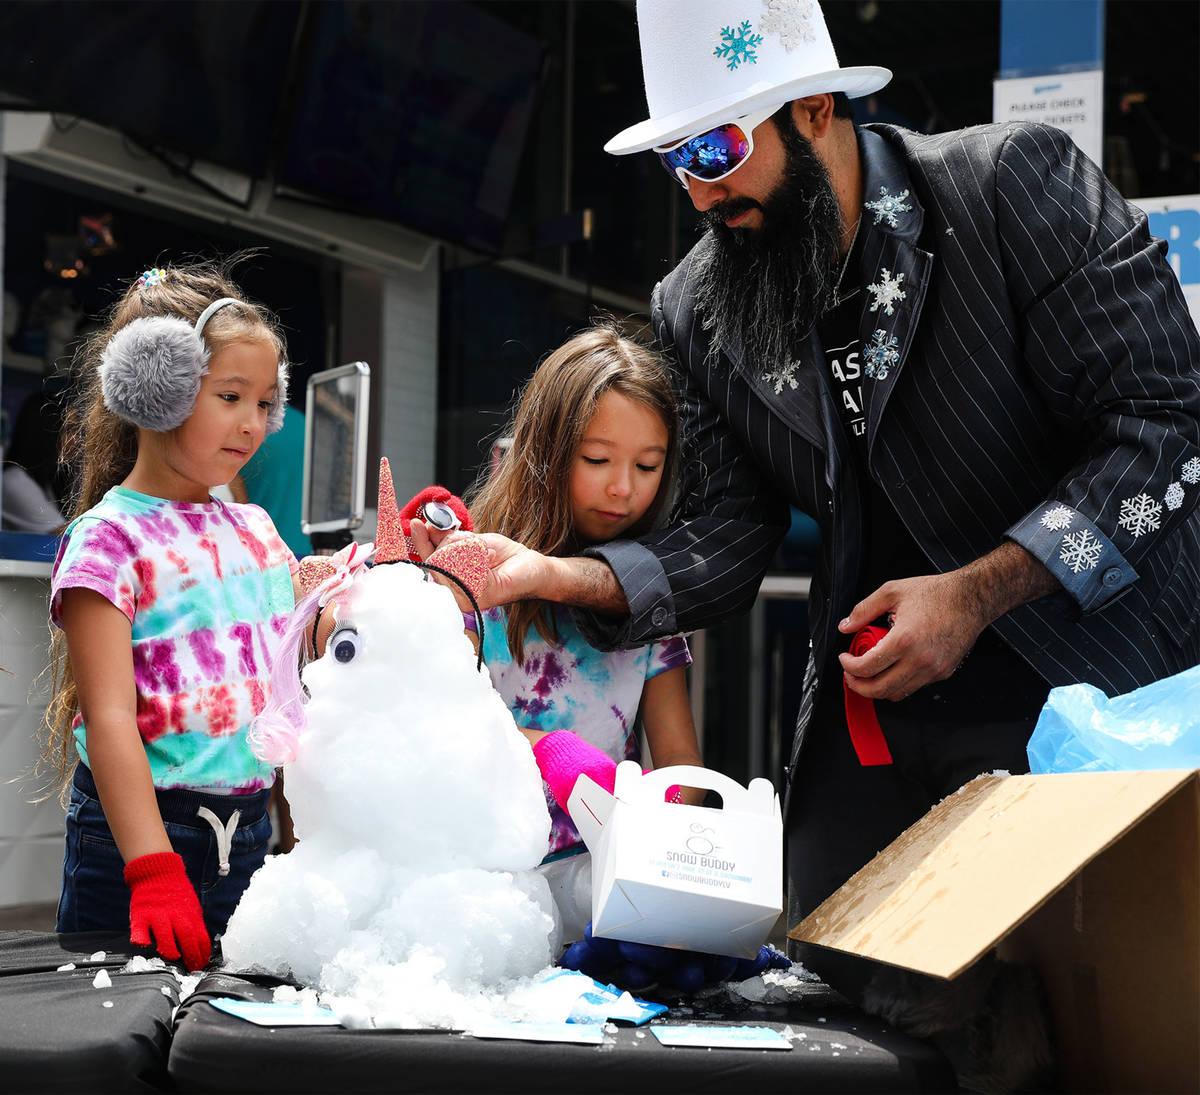 Marco Villarreal, known as ÒVegas Ice Man,Ó helps his daughters Millie Villarreal, 5, ...